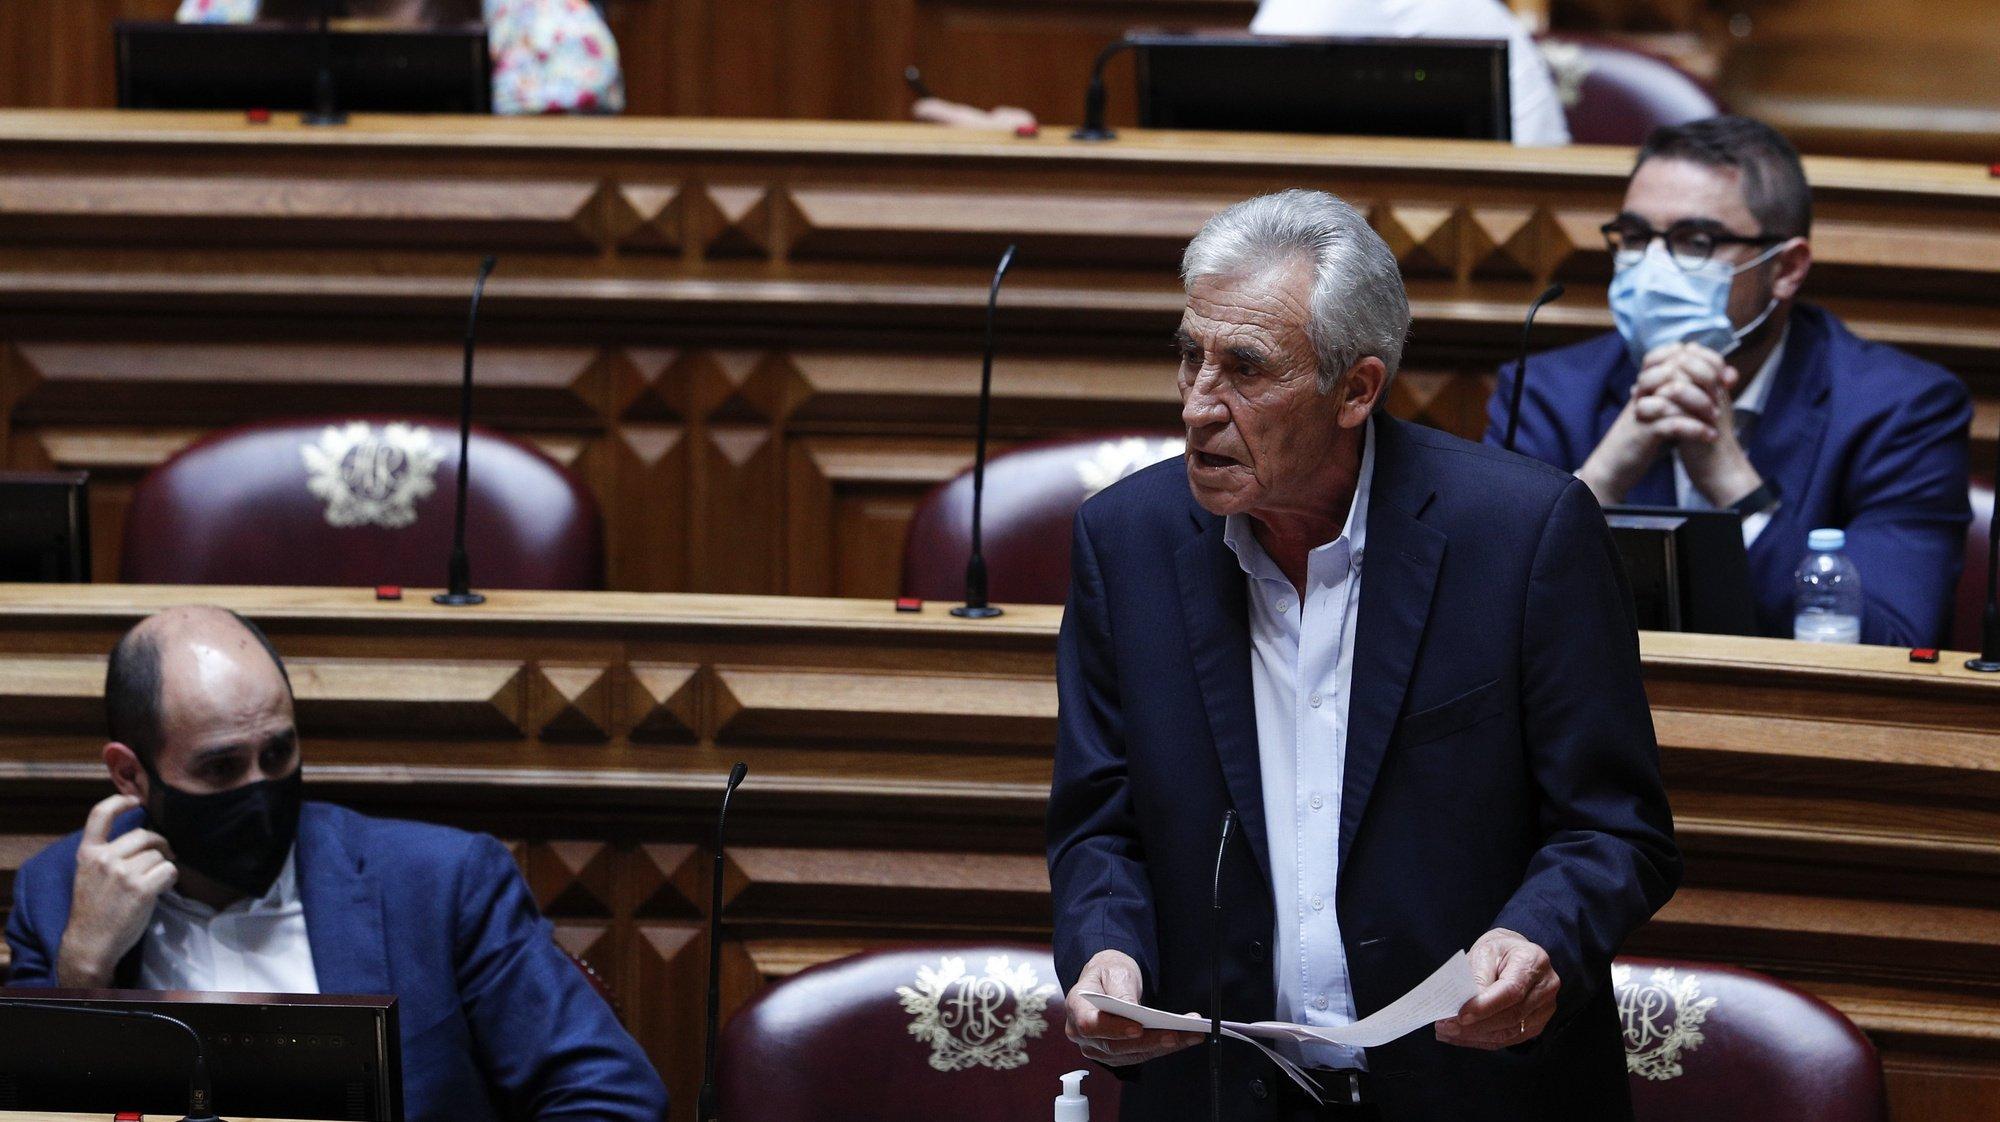 O secretário-geral do Partido Comunista Português (PCP), Jerónimo de Sousa, intervém durante o debate parlamentar sobre o estado da Nação, na Assembleia da República, em Lisboa, 21 de julho de 2021. ANTÓNIO COTRIM/LUSA